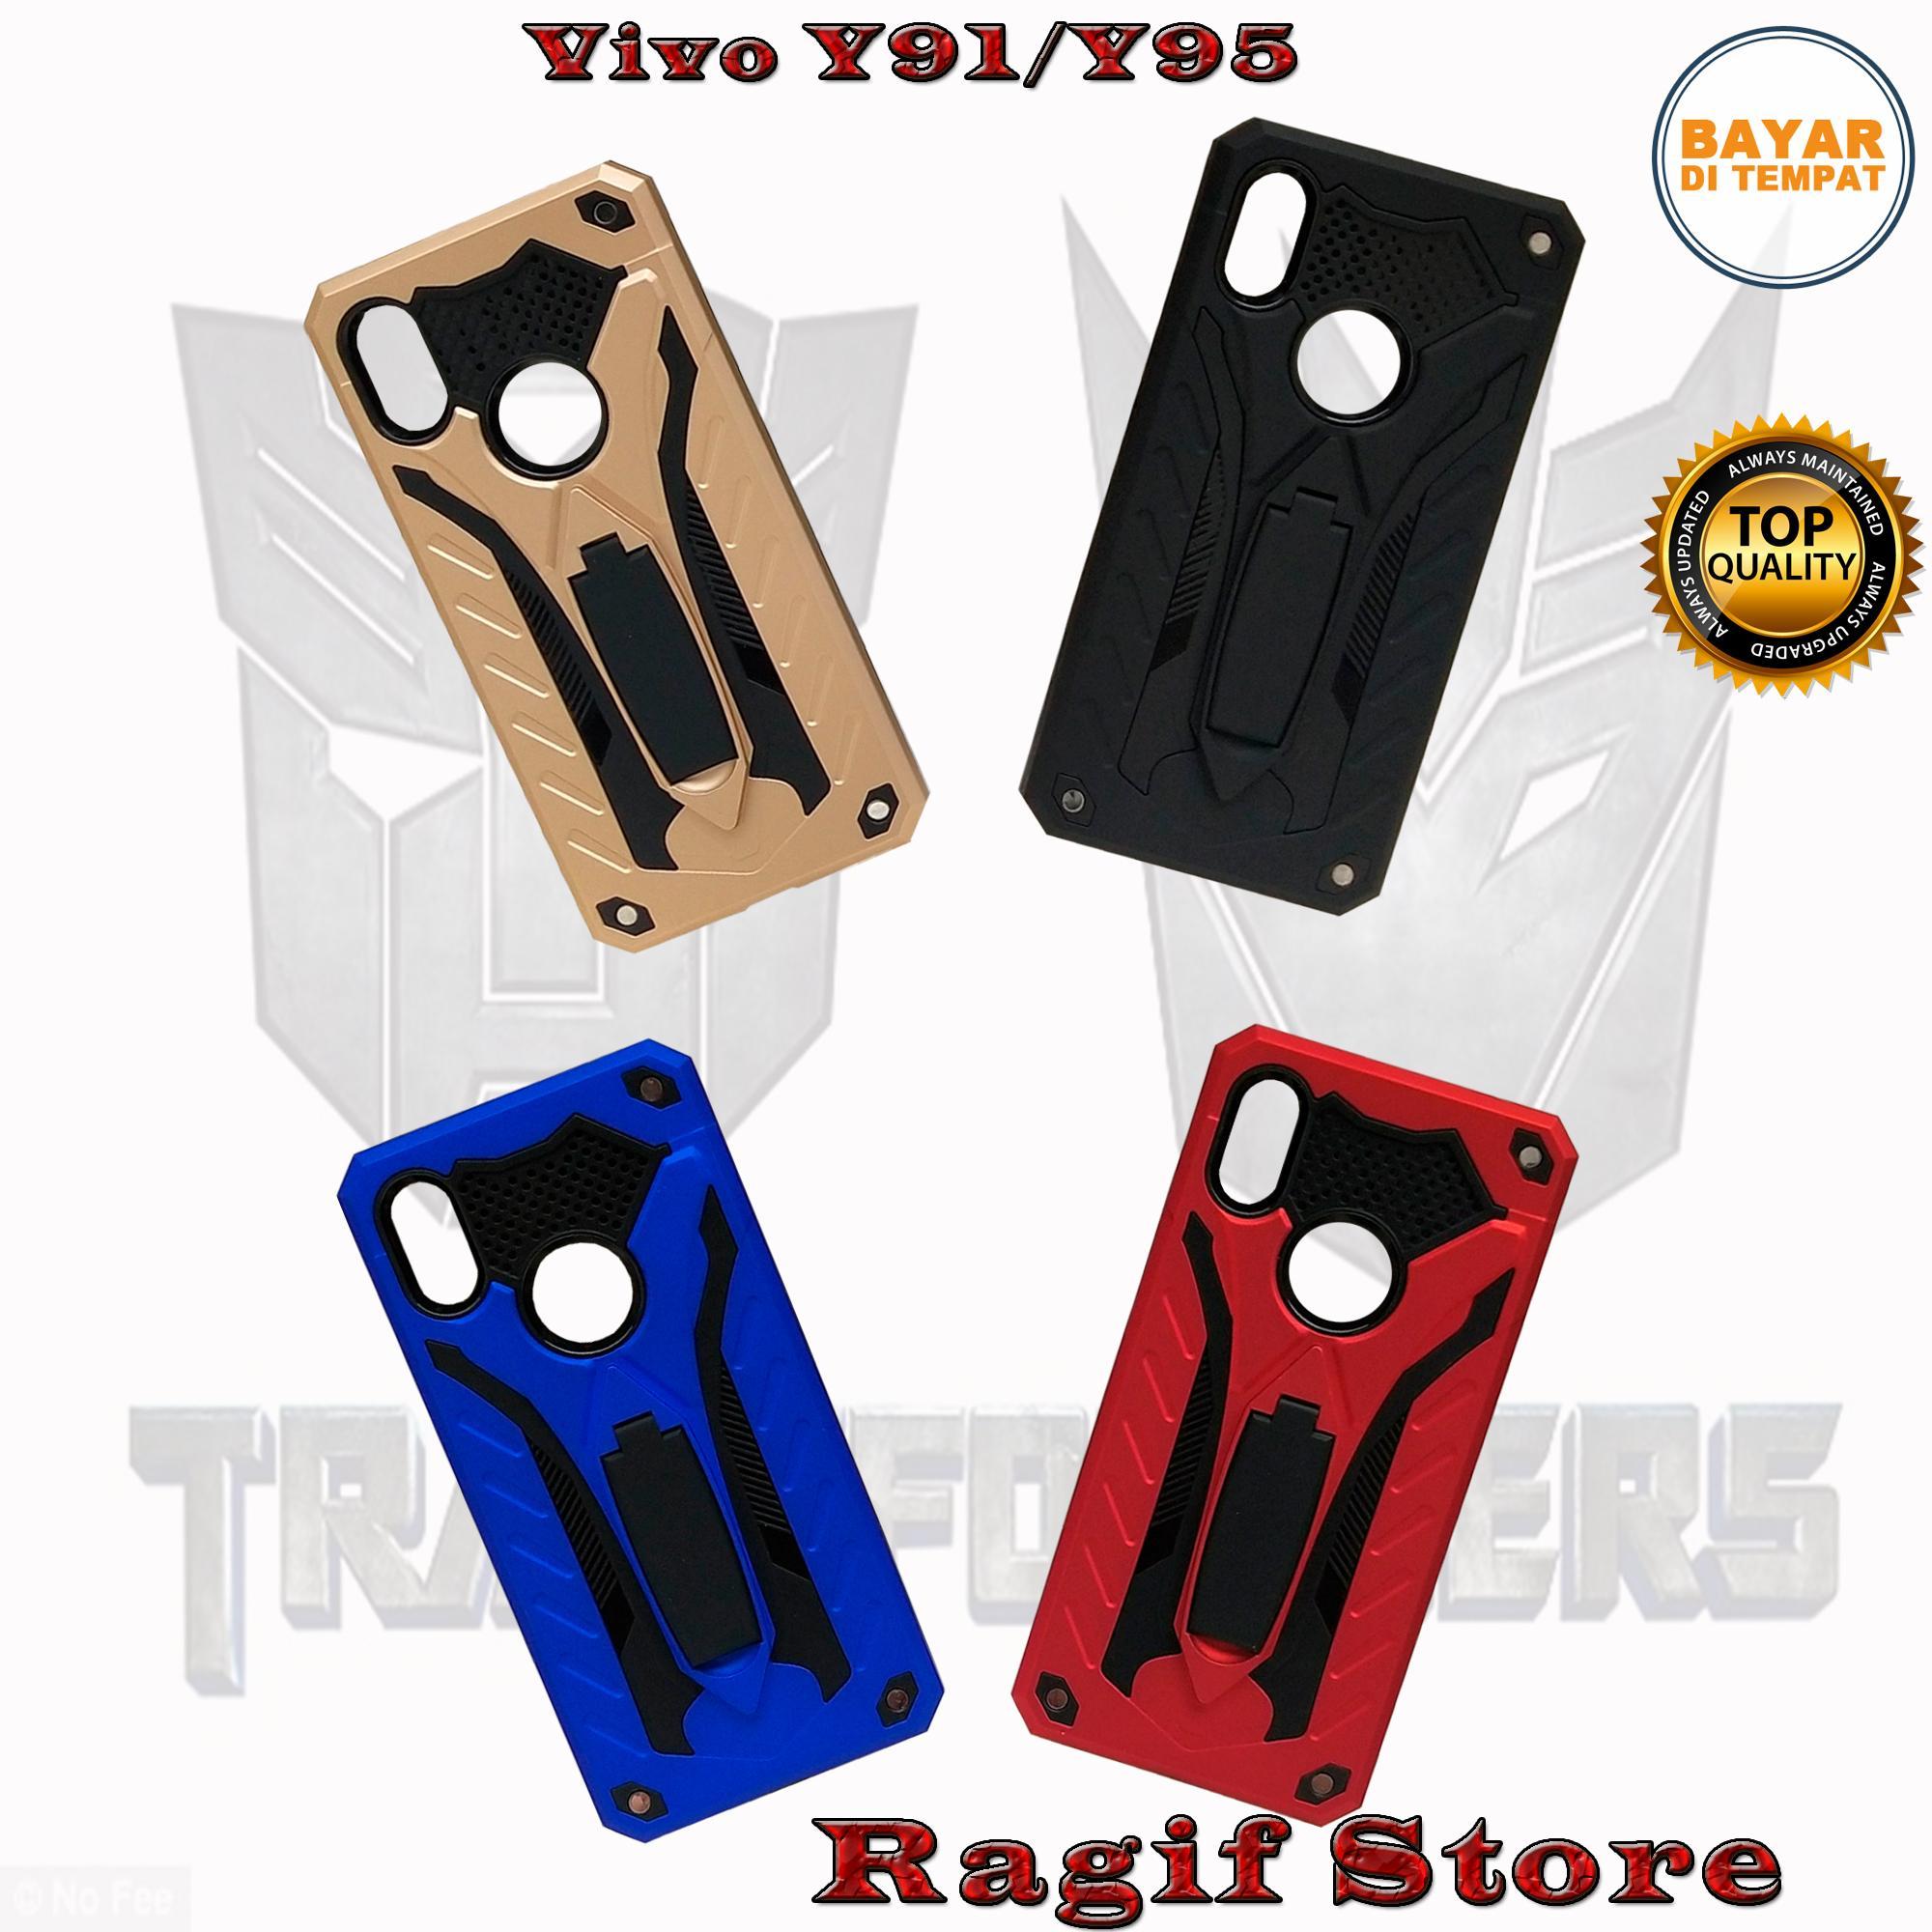 Sarung HP Vivo Y91/Y95 Case/Hardcase Model Terbaru Transformer Standing